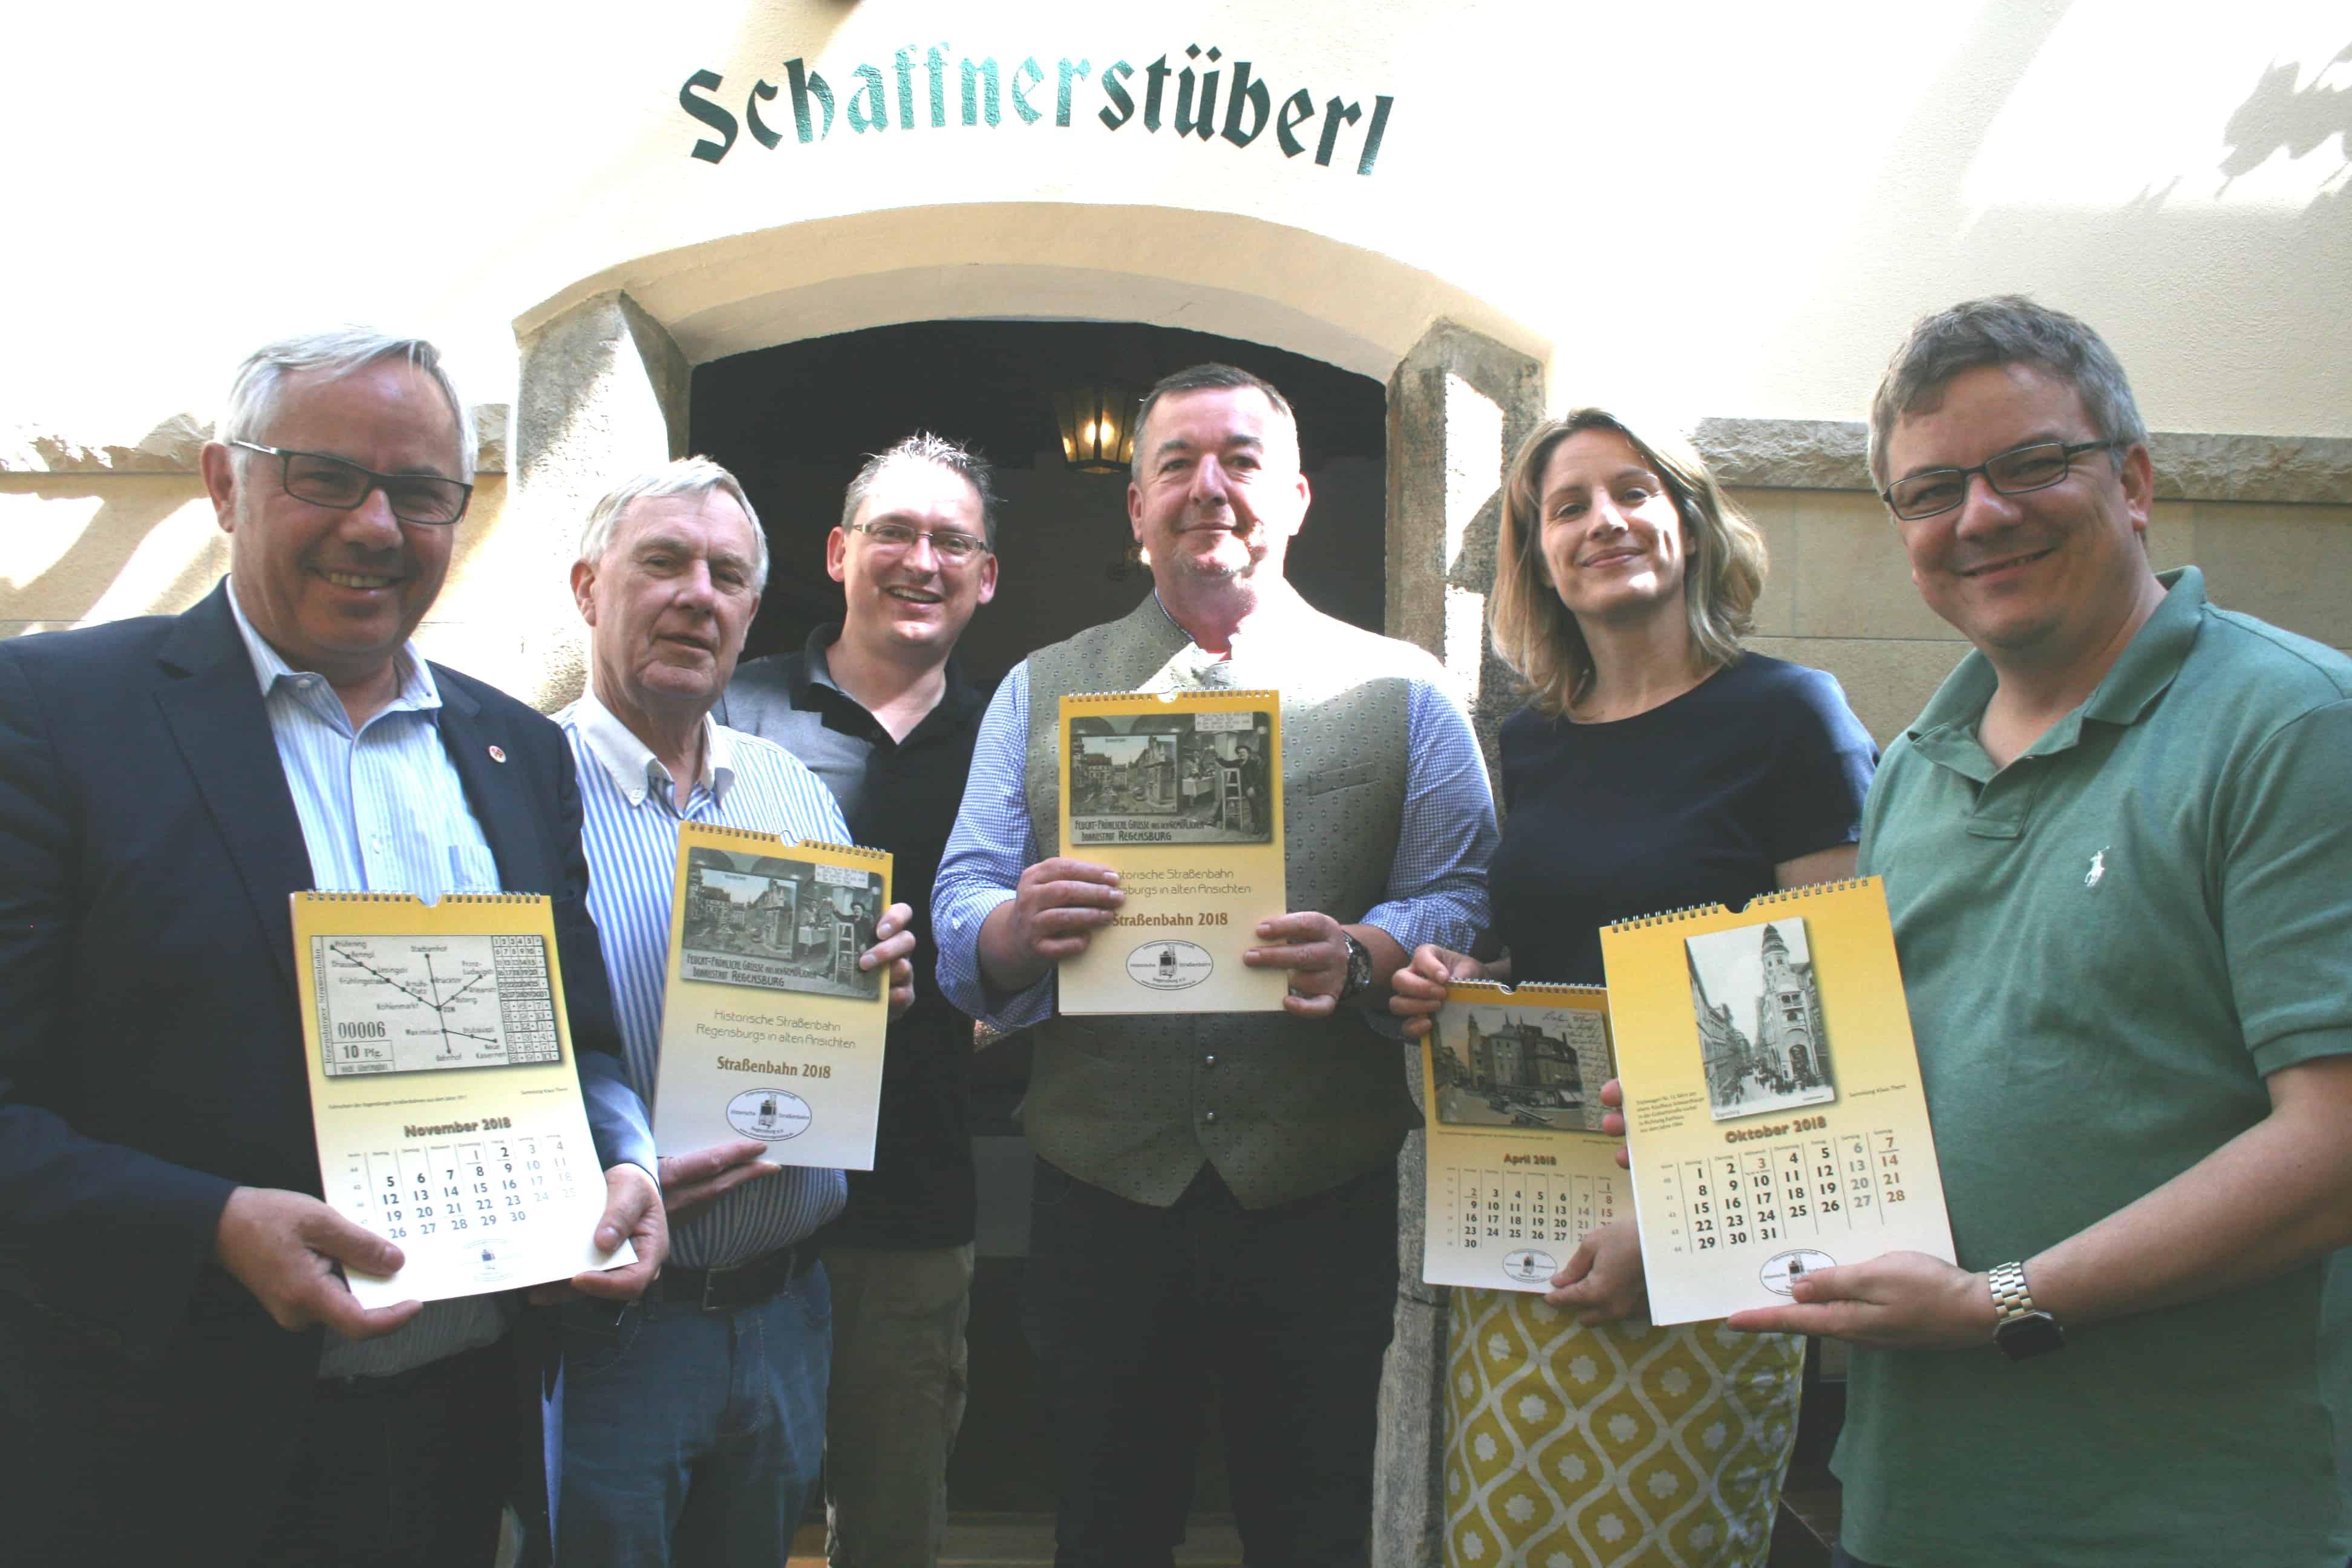 Klaus Theml präsentiert den Regensburger Straßenbahnkalender 2018